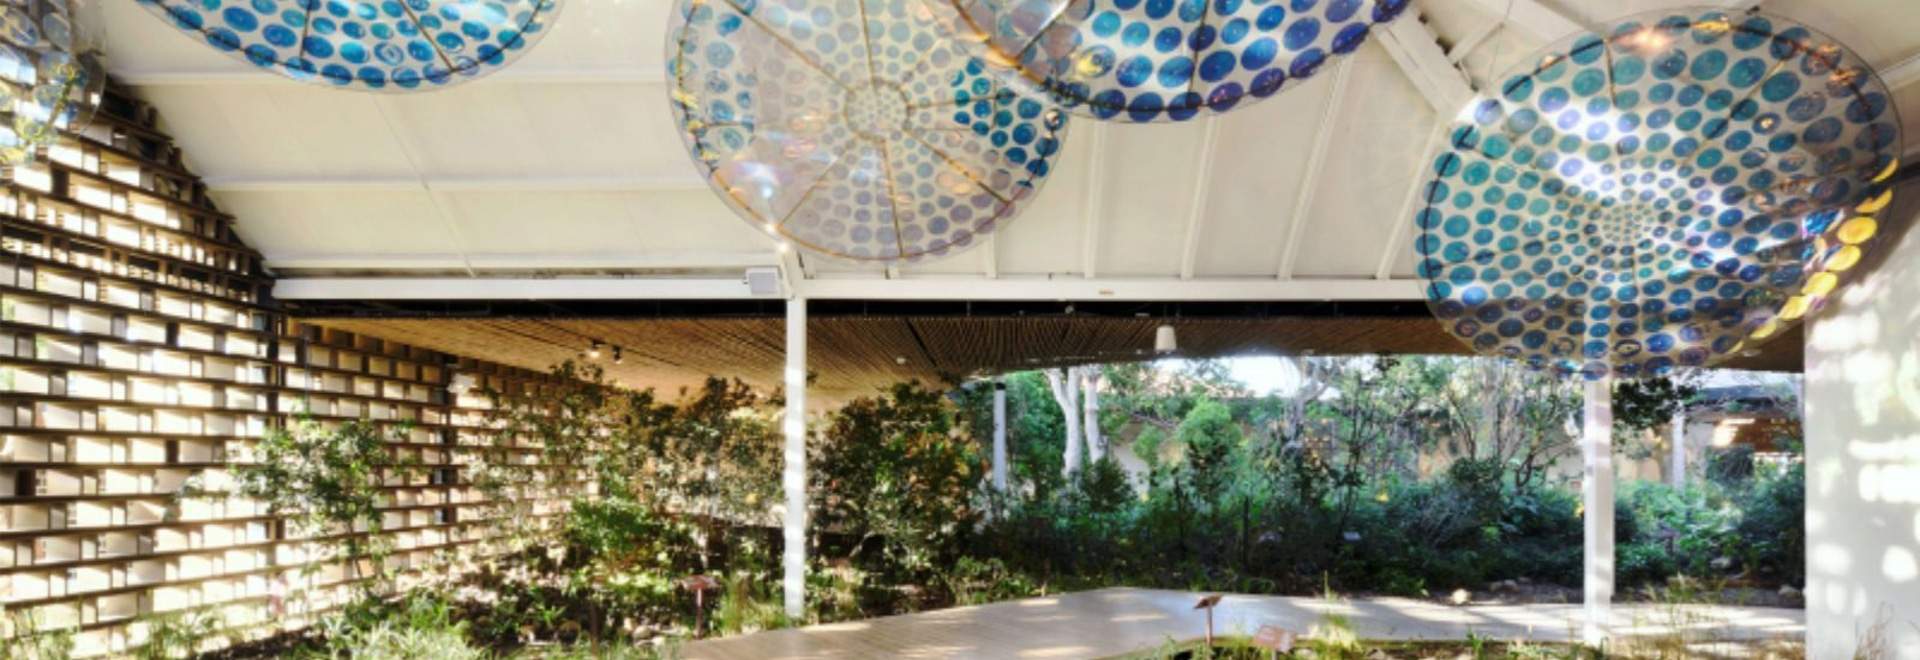 Taichung World Flora Expo, Pavillon de découverte de Cogitoimage International Co.